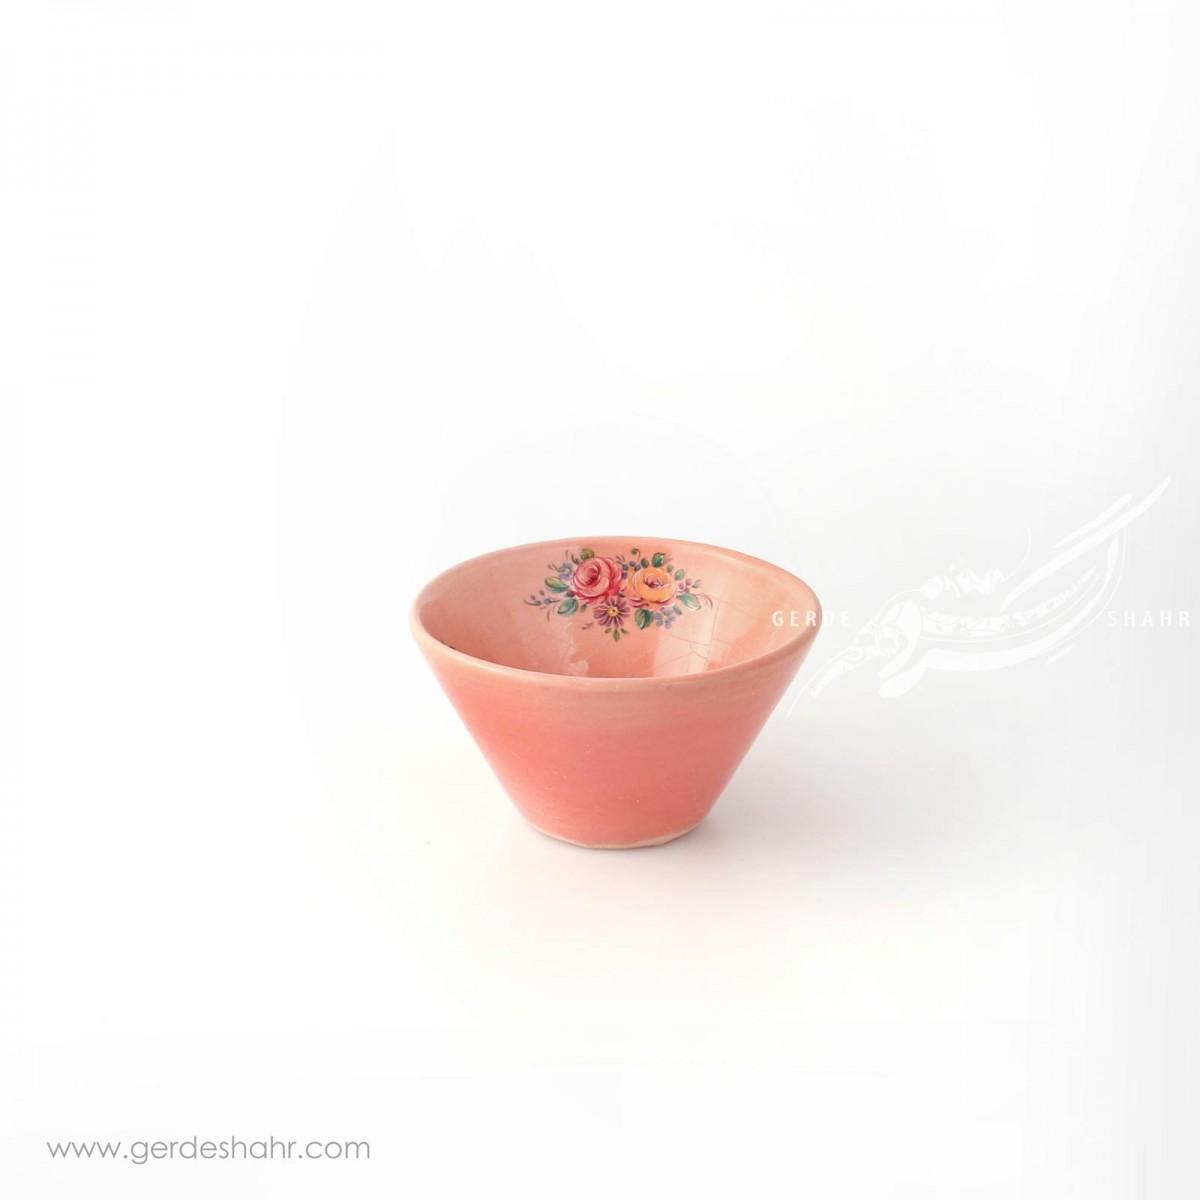 کاسه گود صورتی با گل های رنگارنگ سایز ۹ ماه فروز محصولات